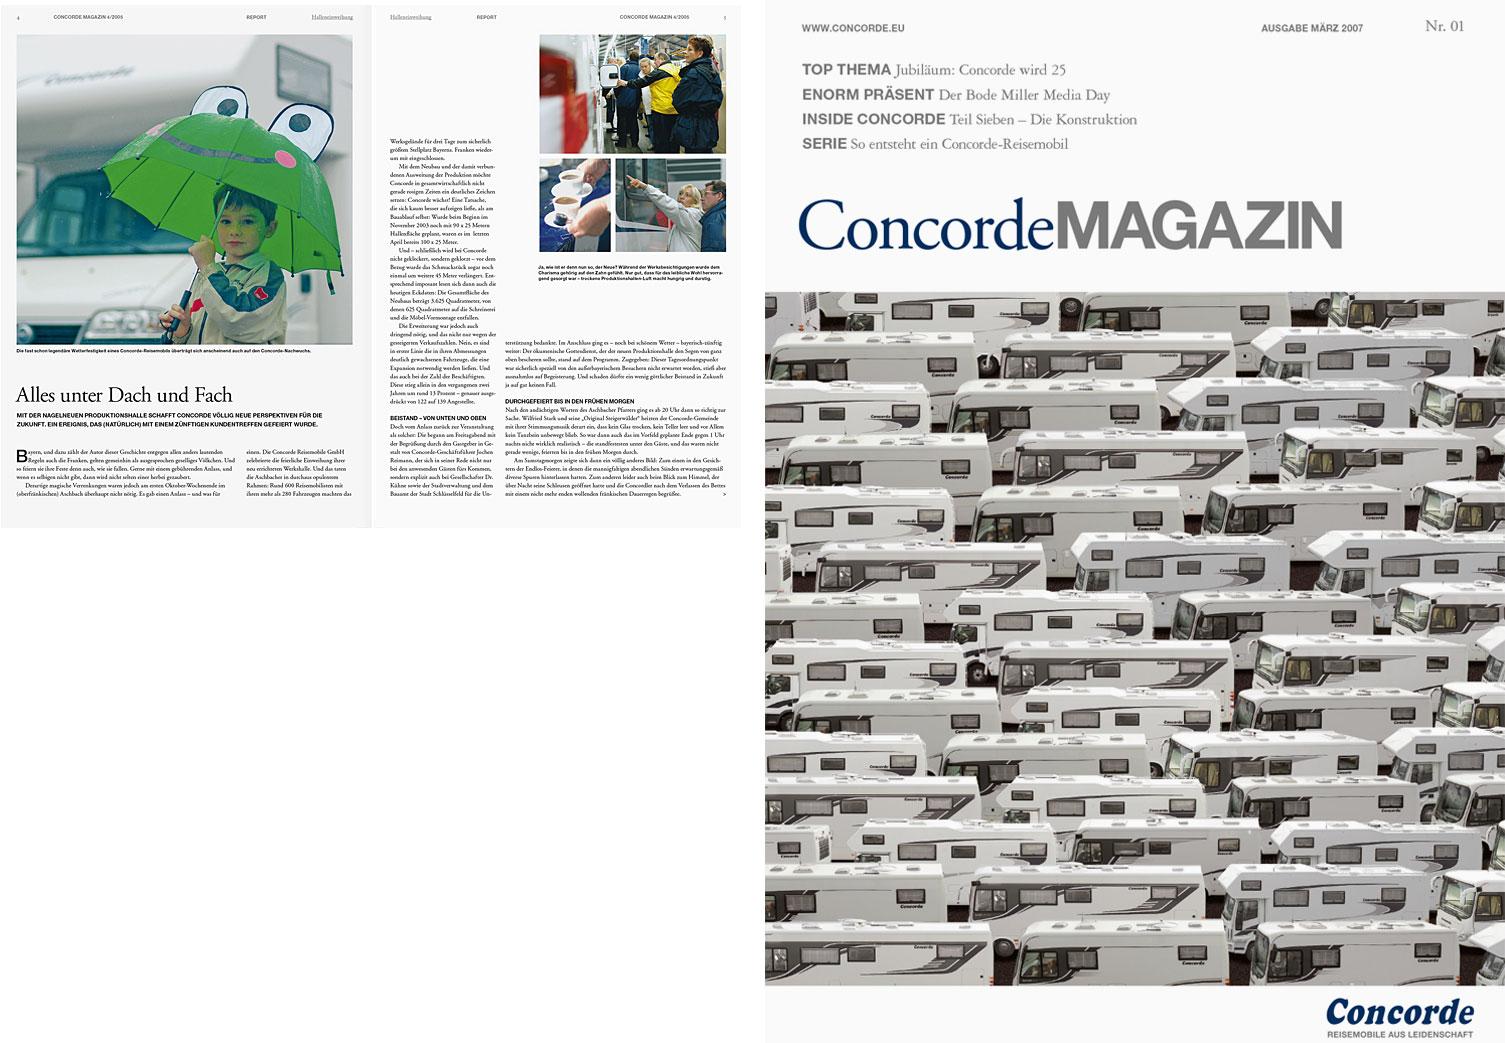 Concorde_06.jpg